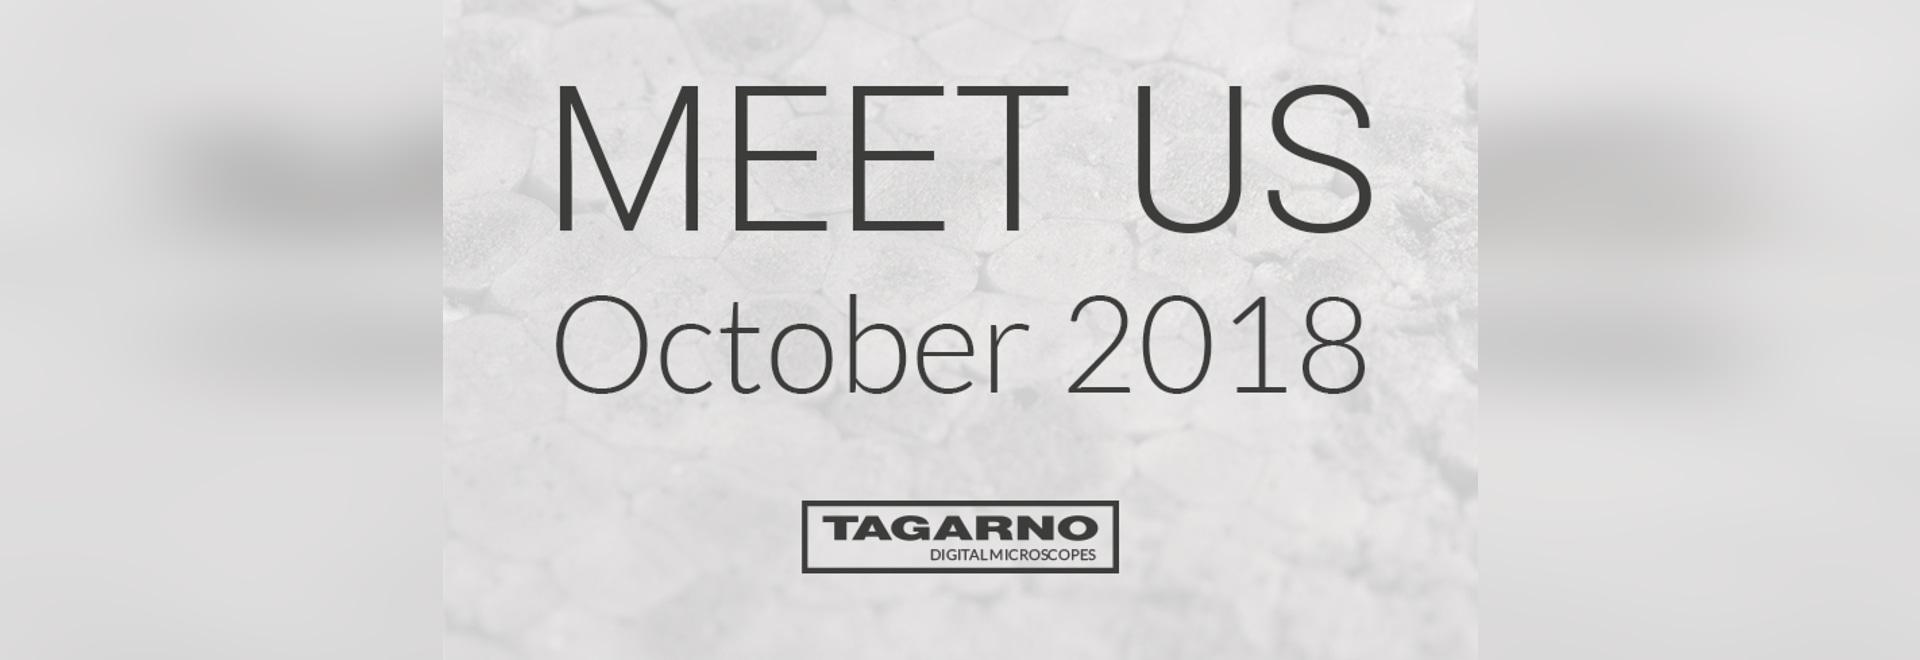 RASSEMBLEMENT TAGARNO - OCTOBRE 2018